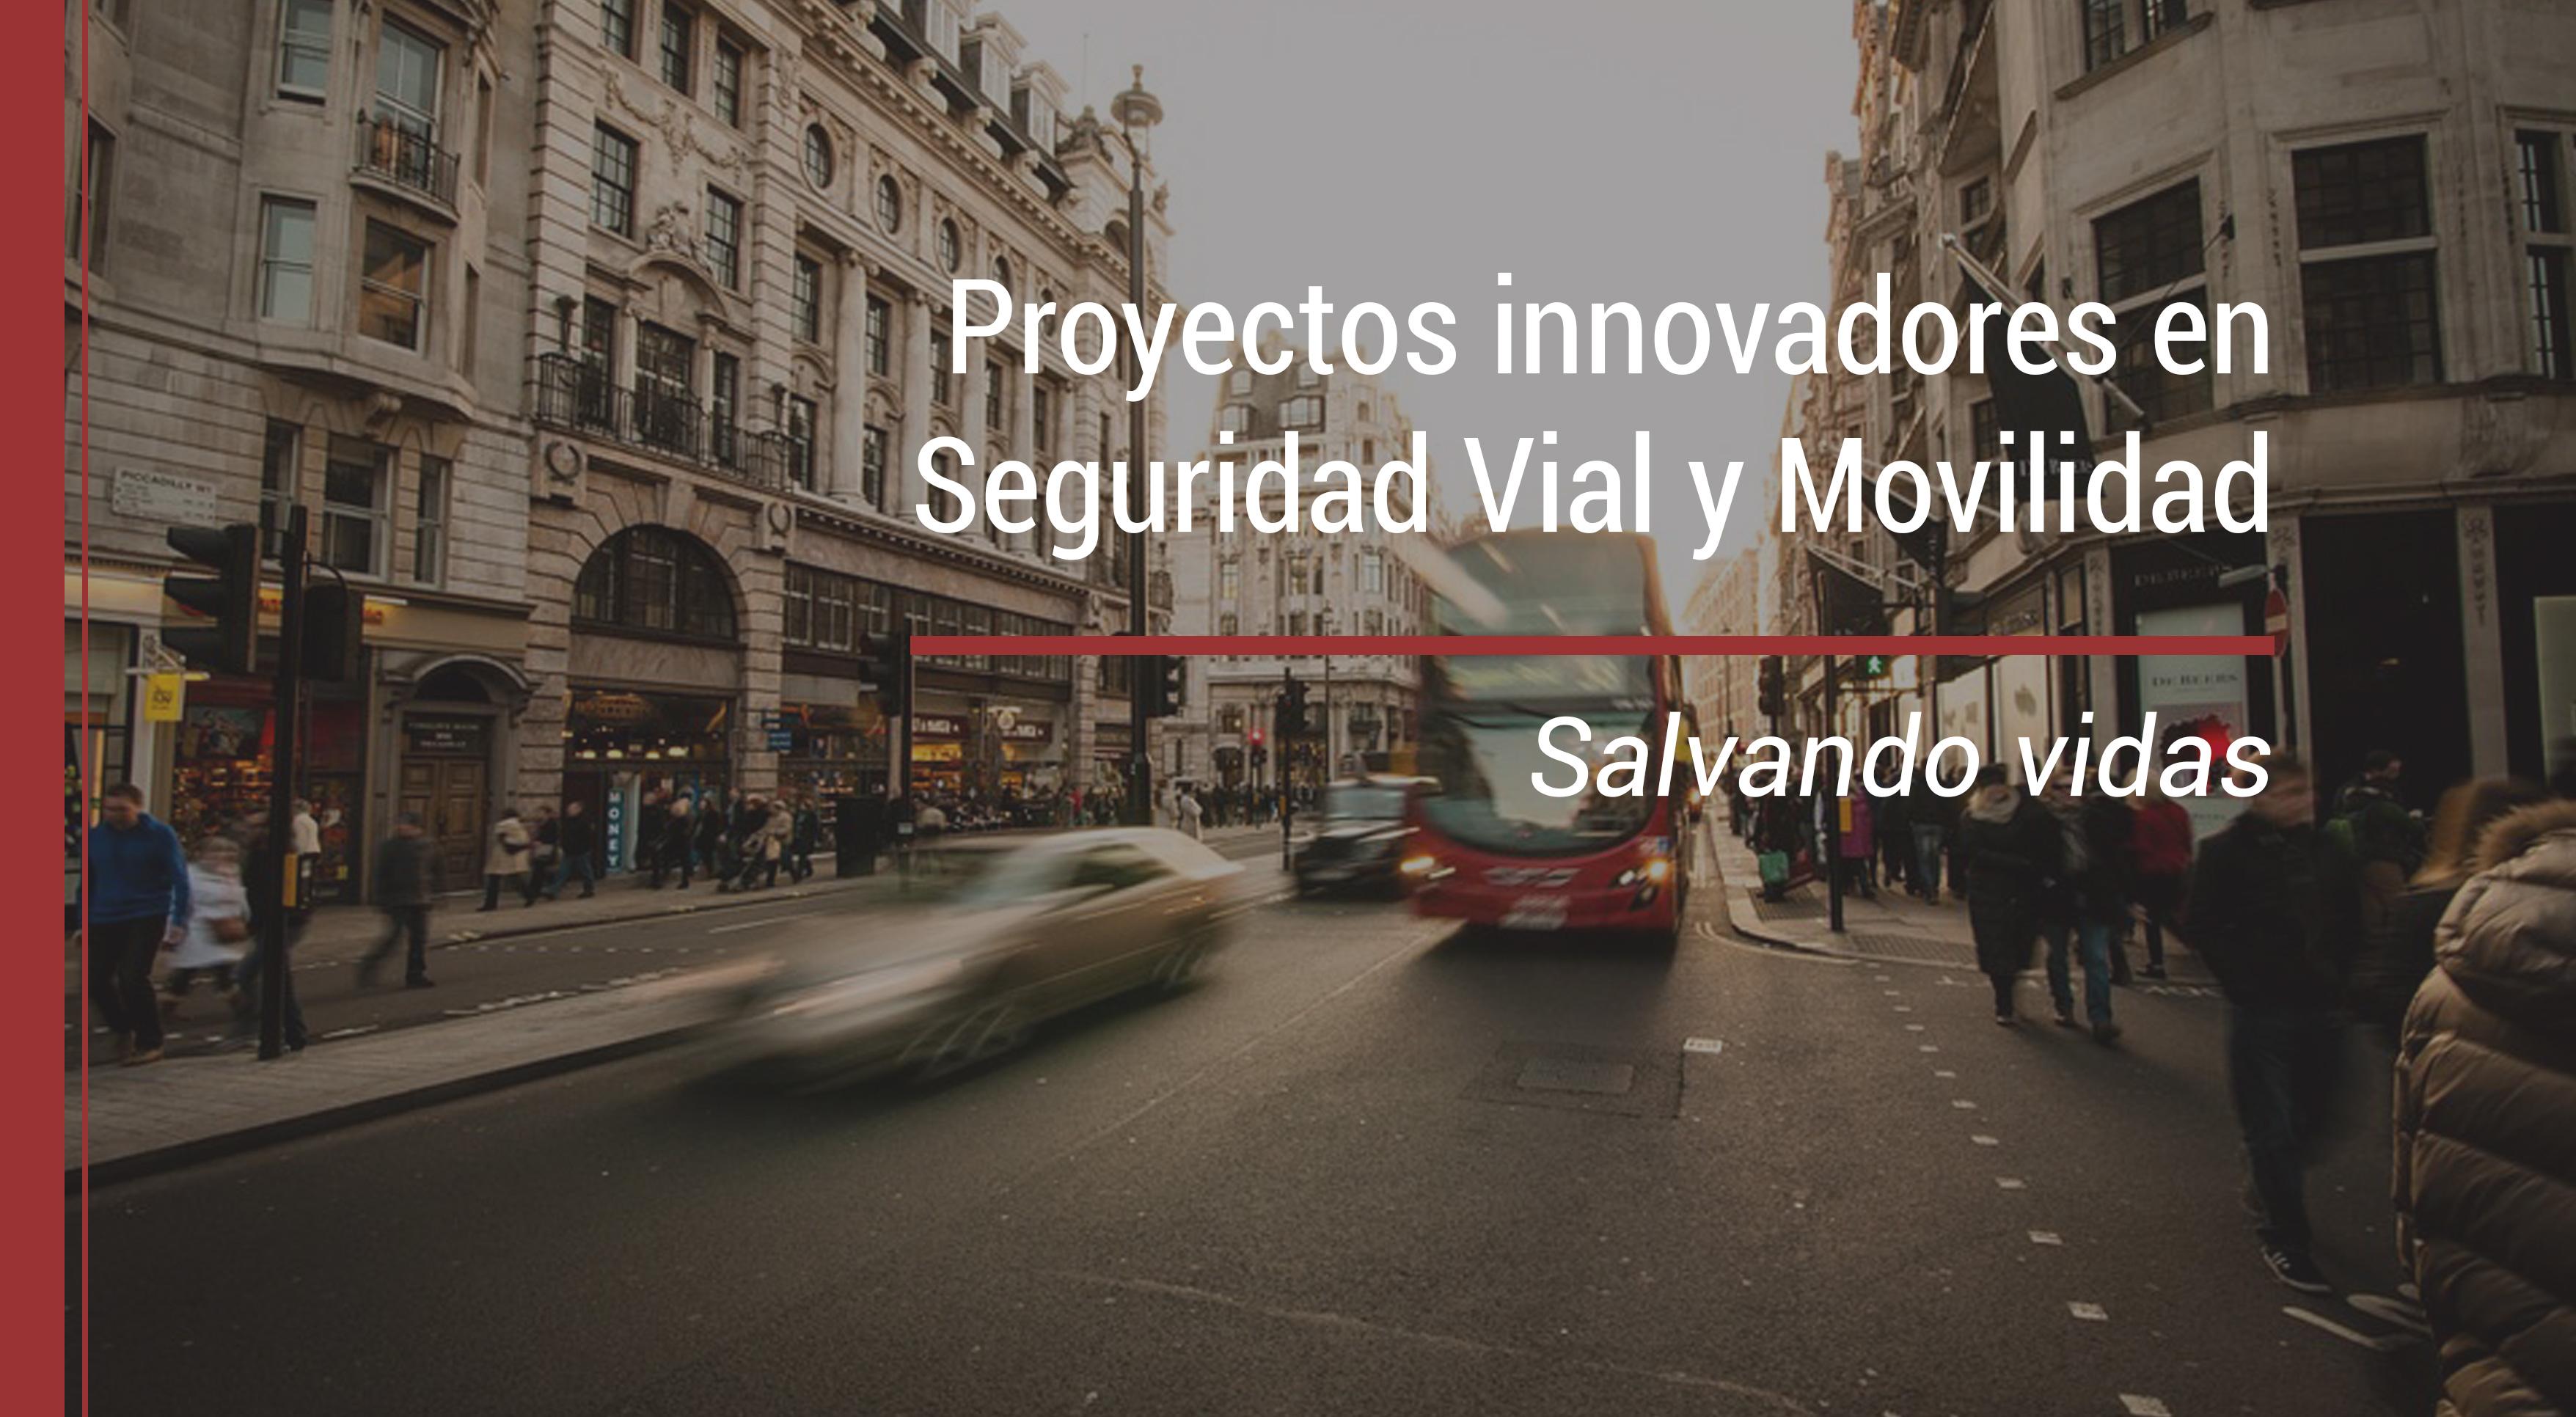 innovacion-seguridad-vial-movilidad 8 proyectos innovadores en seguridad vial y movilidad